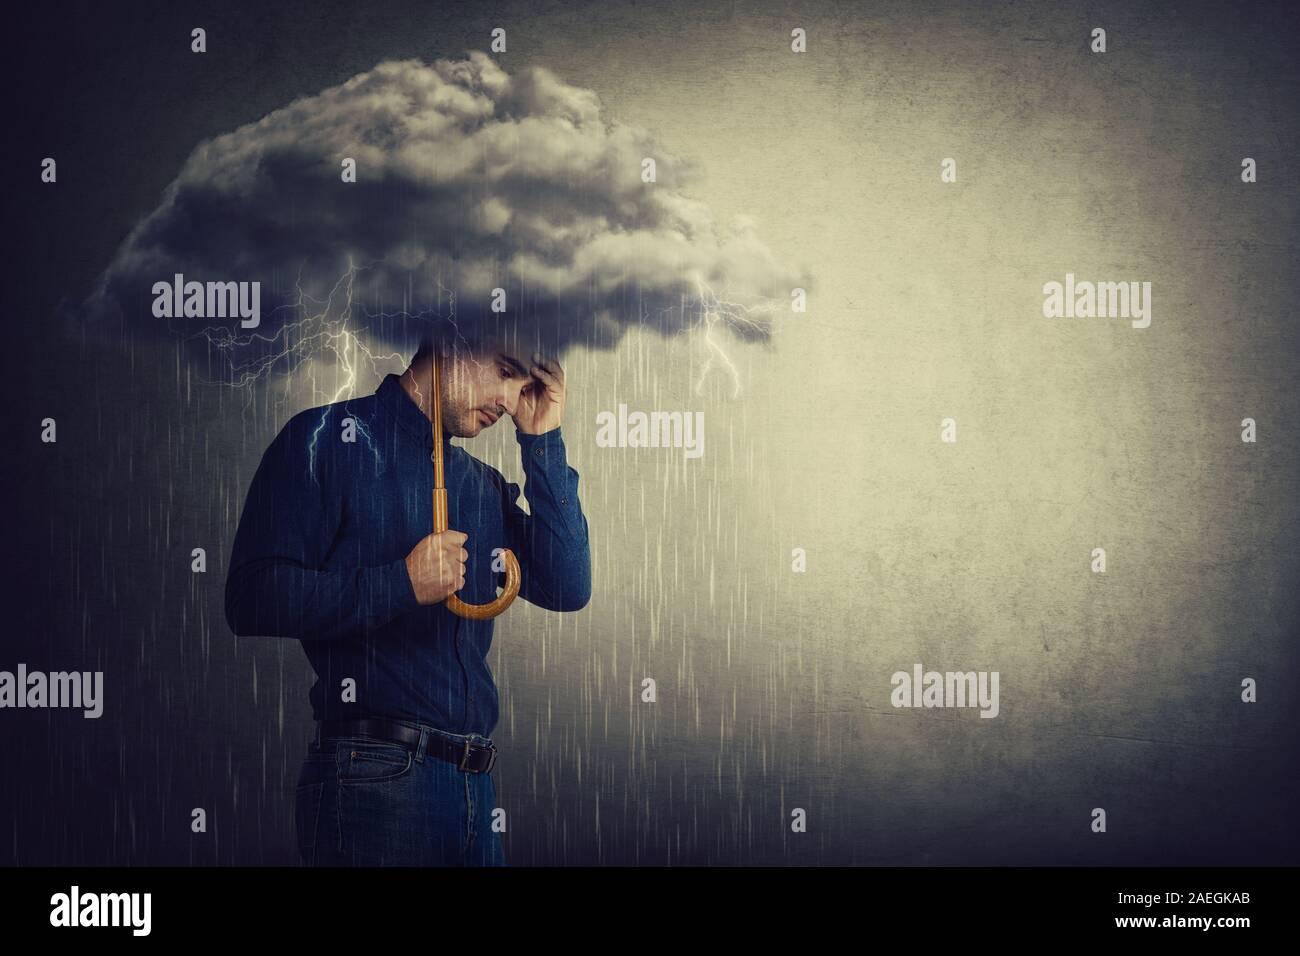 Pessimistischer Mensch, stehen unter Regen, leiden Angst als Holding einen Regenschirm Gewitter wolke über dem Kopf. Konzept der Gedächtnisverlust und Demenz disea Stockfoto